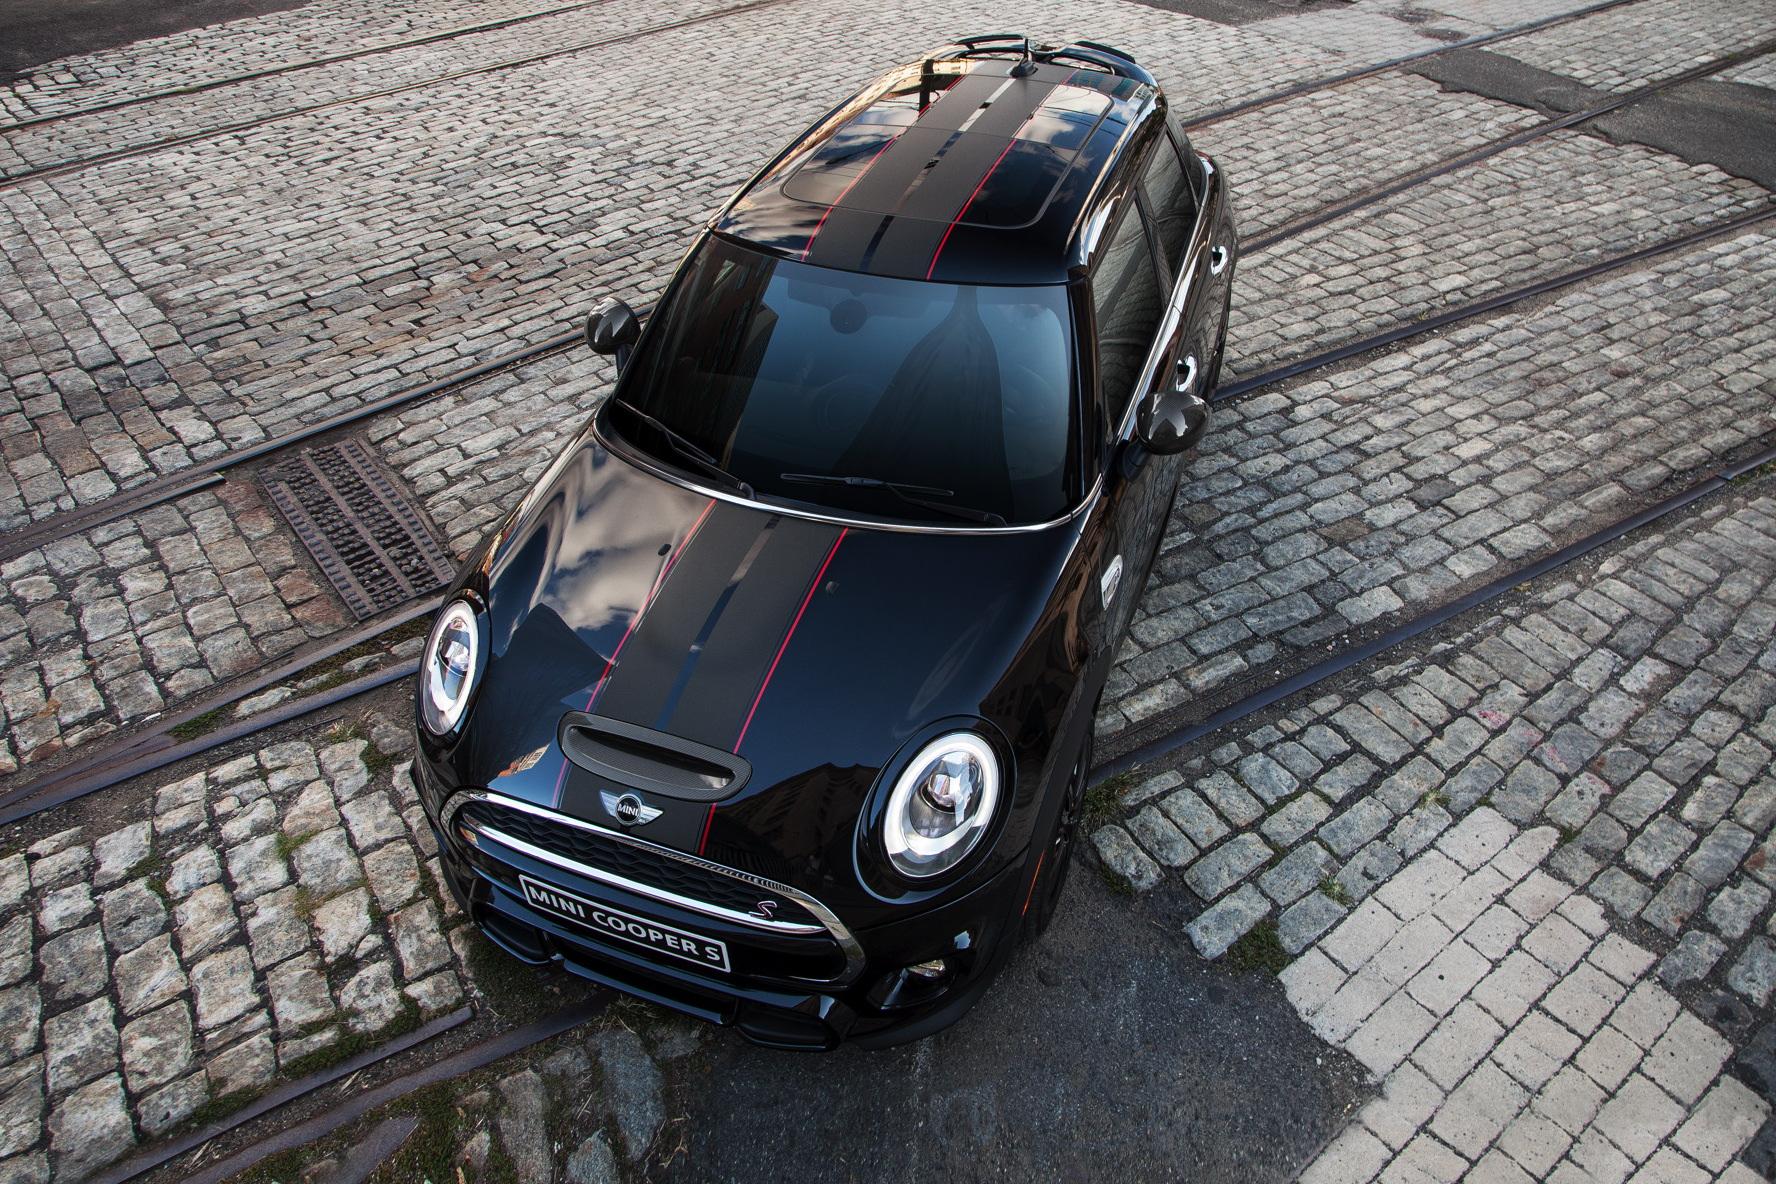 Mini Cooper S Carbon Edition 3 Avtovesticom